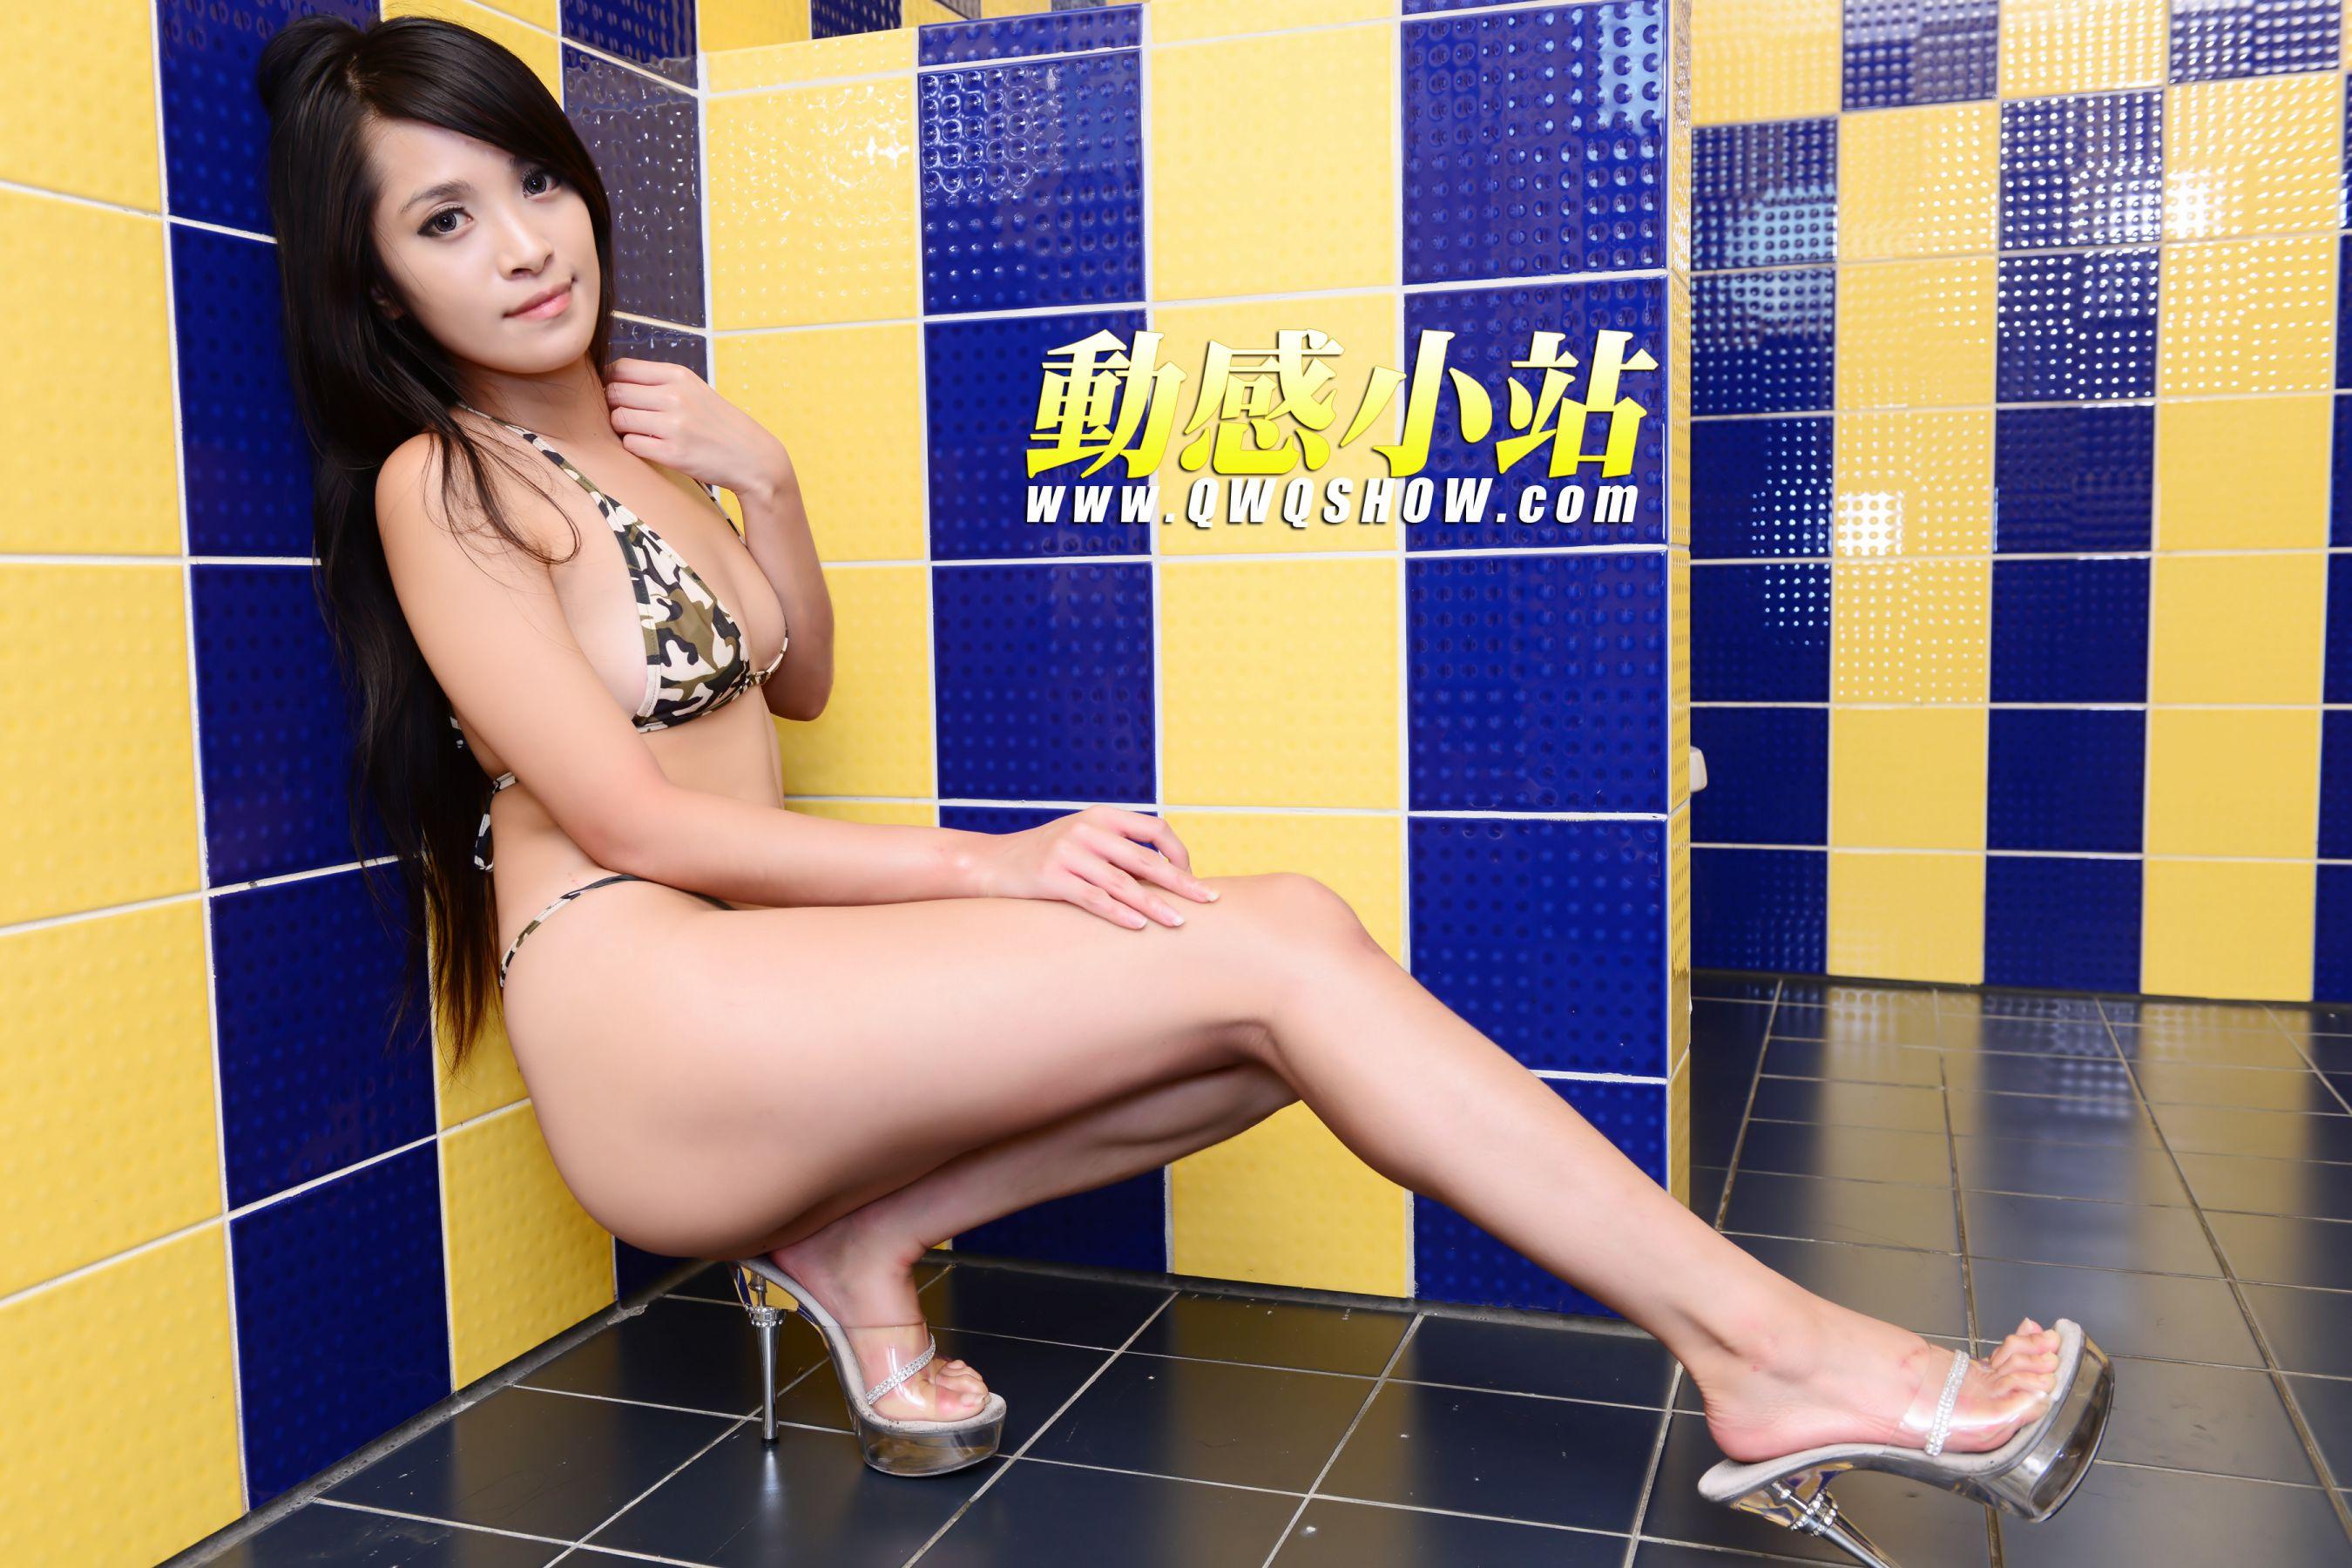 VOL.1120 [动感之星]泳装丁字裤:贝琪(动感小站贝琪,动感之星贝琪)高品质写真套图(50P)